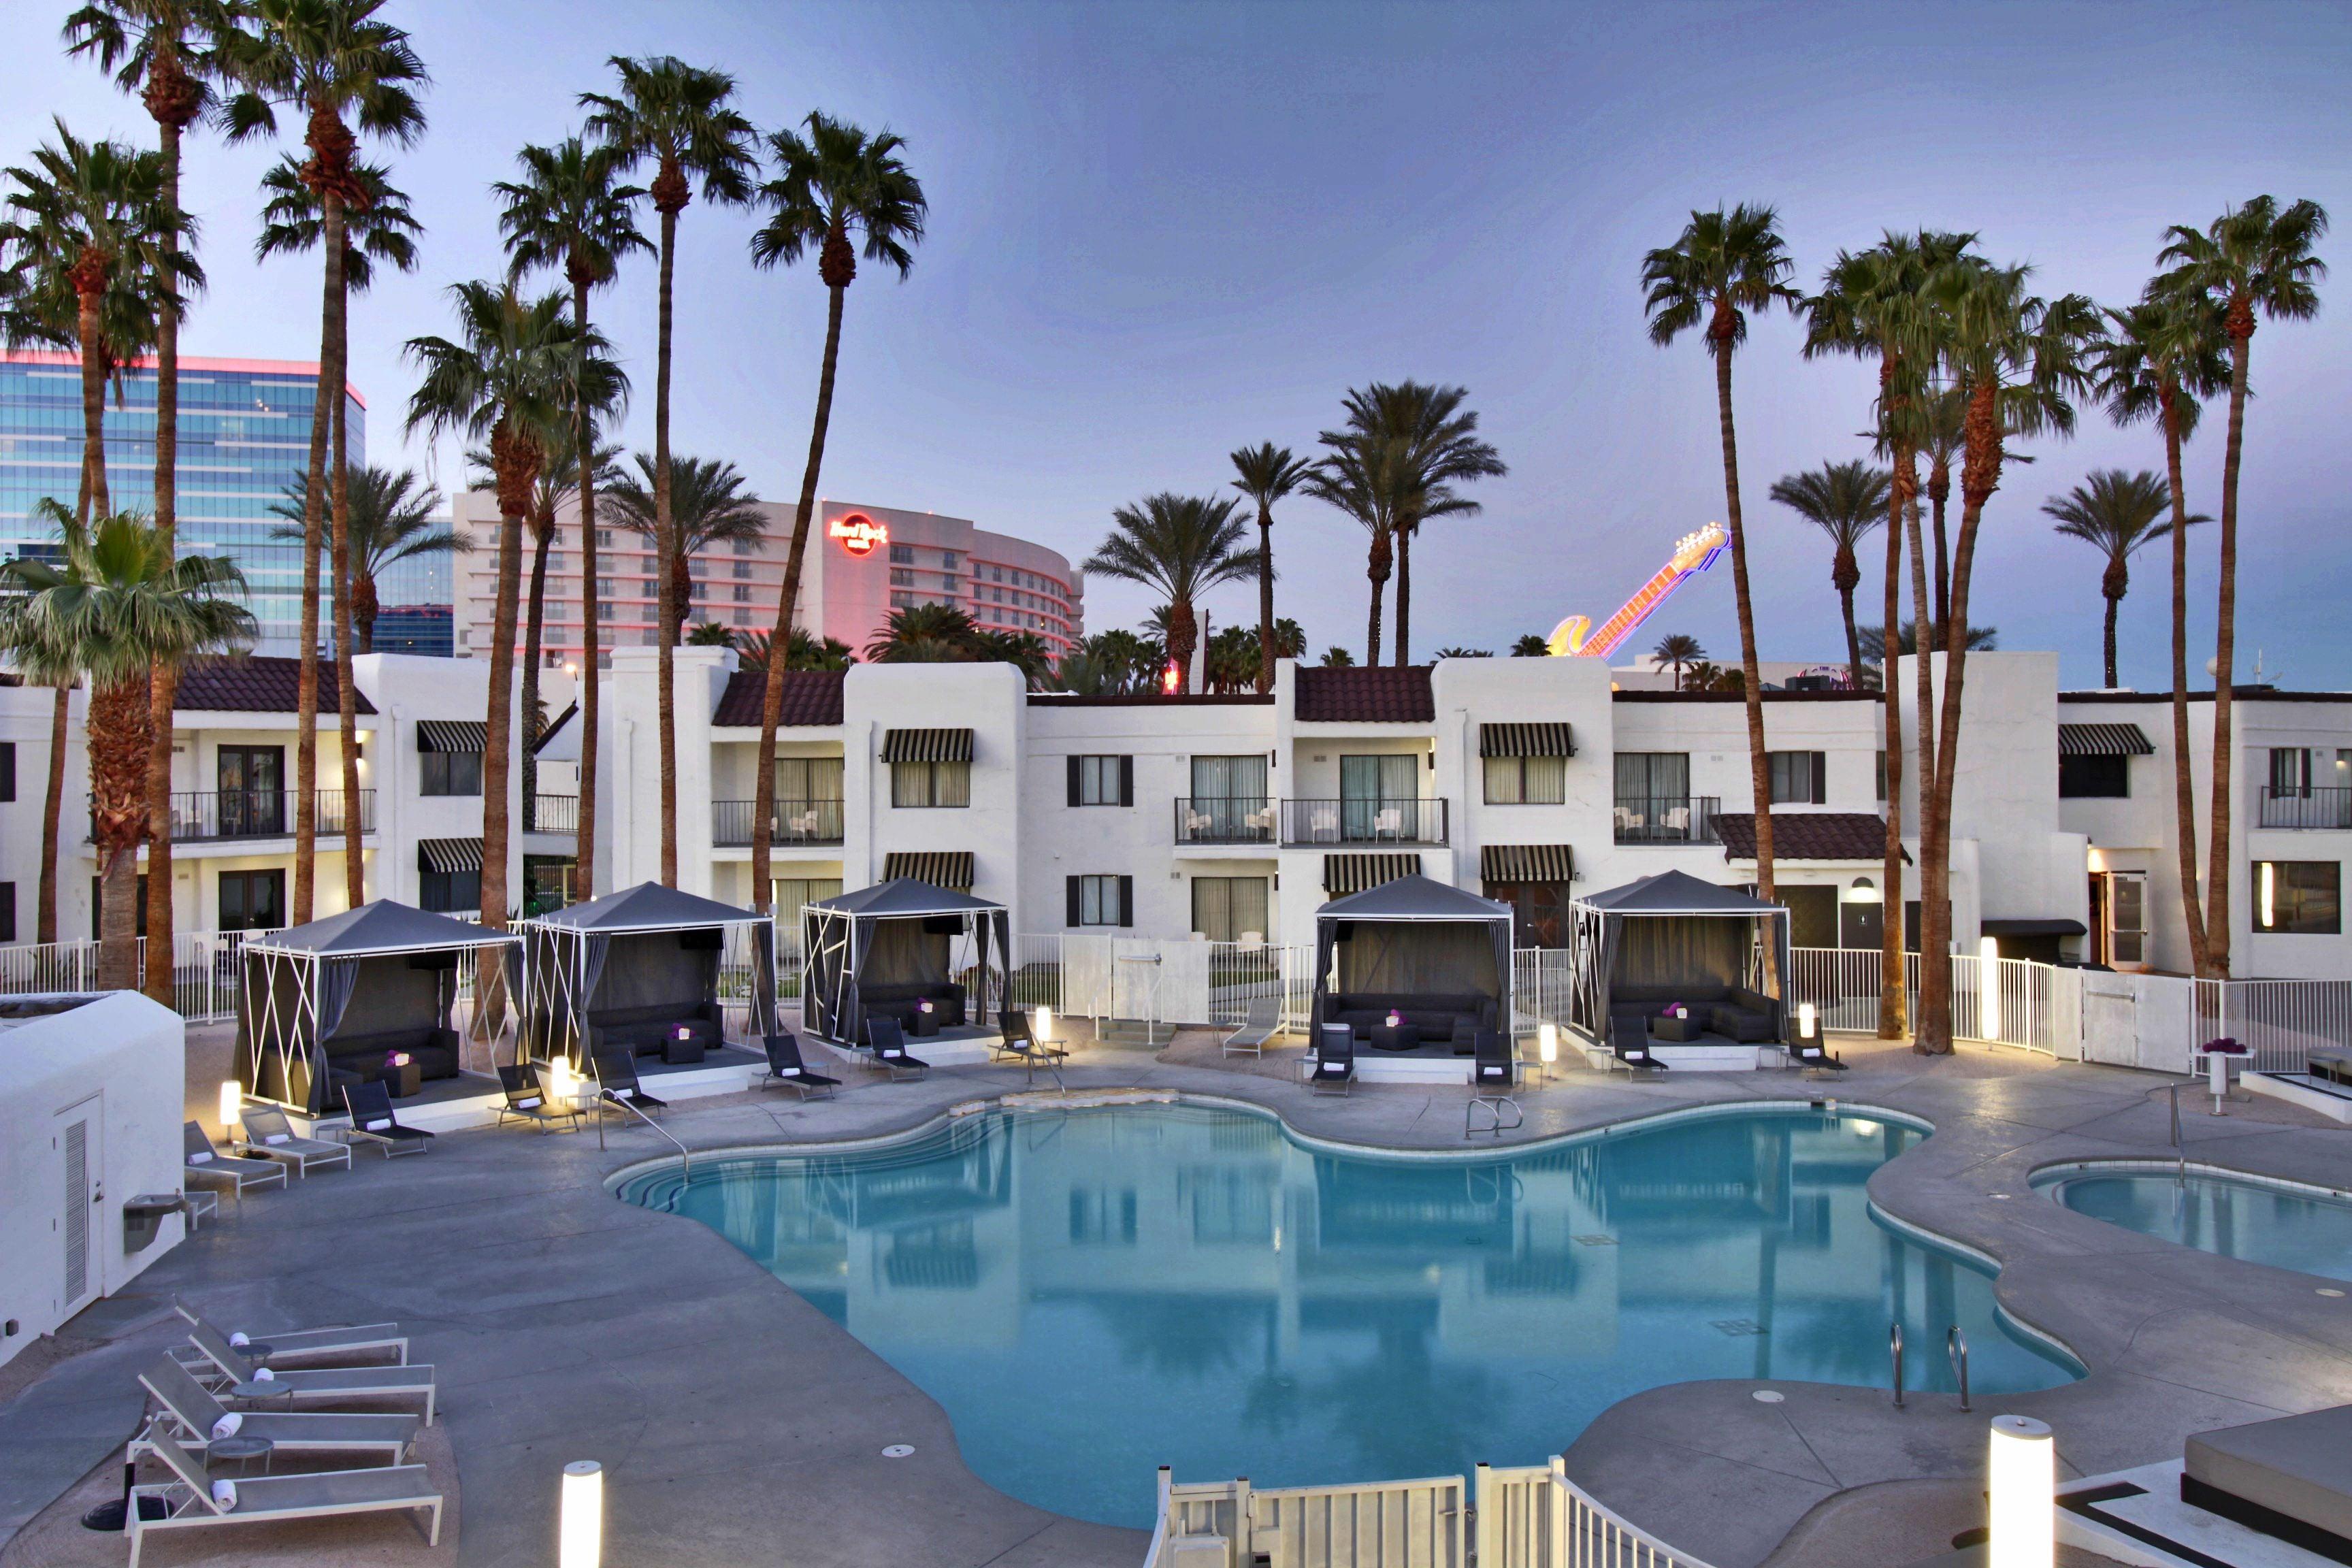 Serene Vegas An Innplace Resort